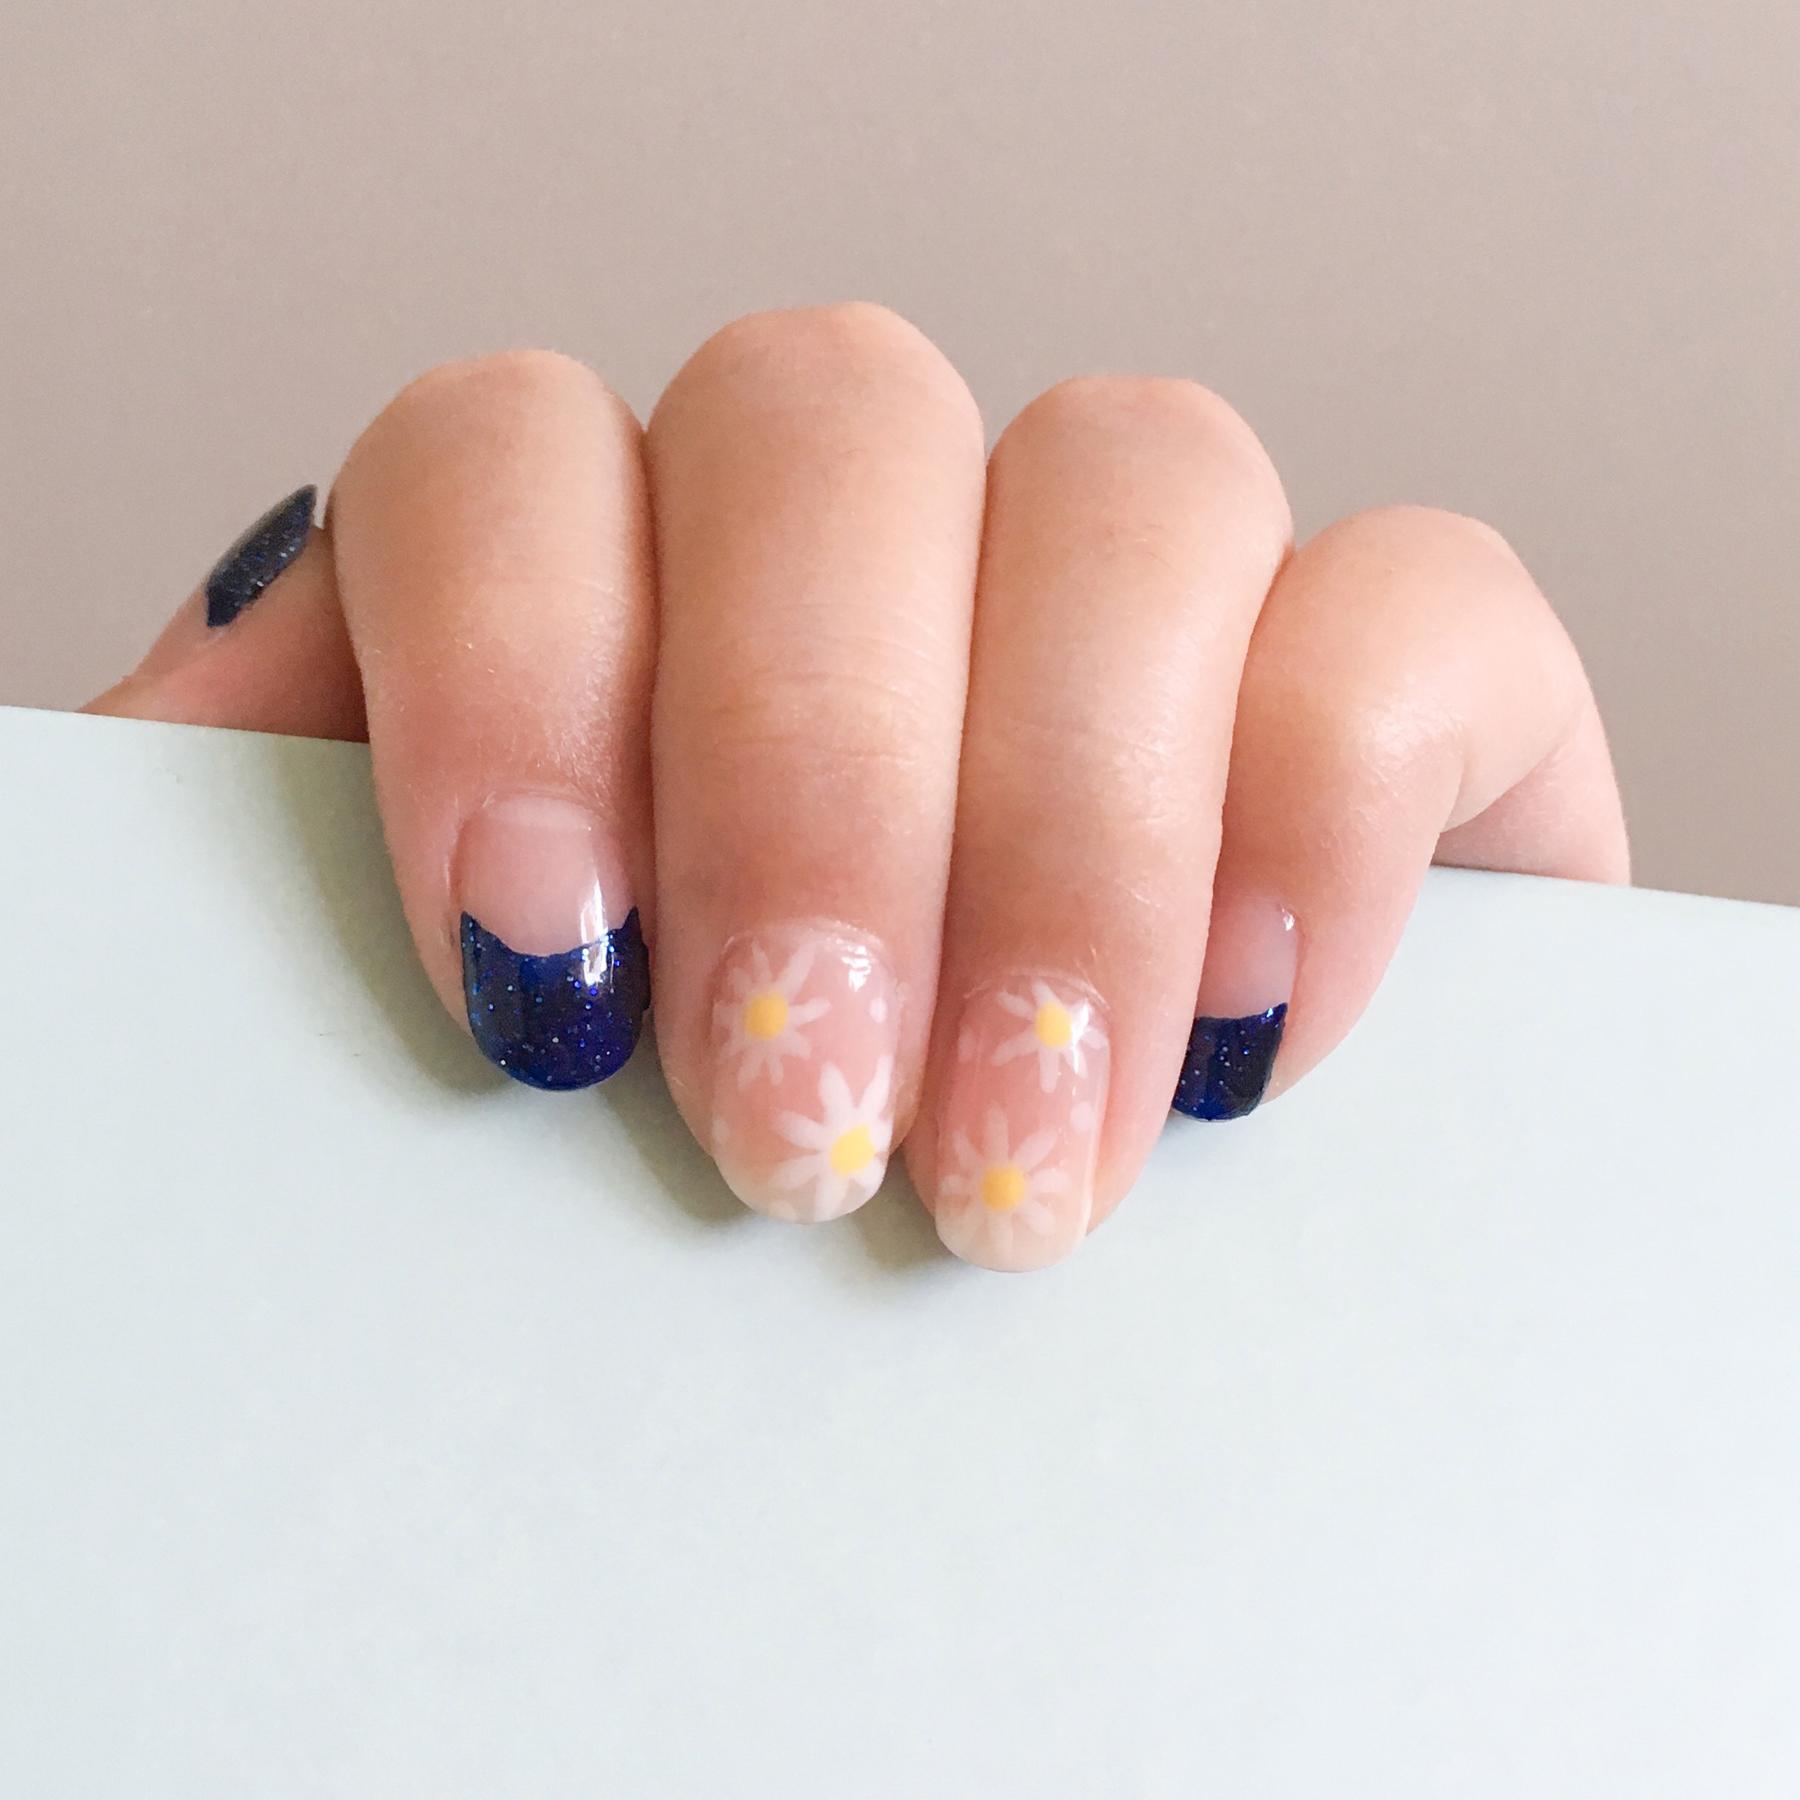 Base:Essie 160 Sugar Daddy /Navy:Essie 1145 Starry Starry Night /White: China Glaze 622 Moonlight /Yellow: Sally Hansen 360 Mellow Yellow